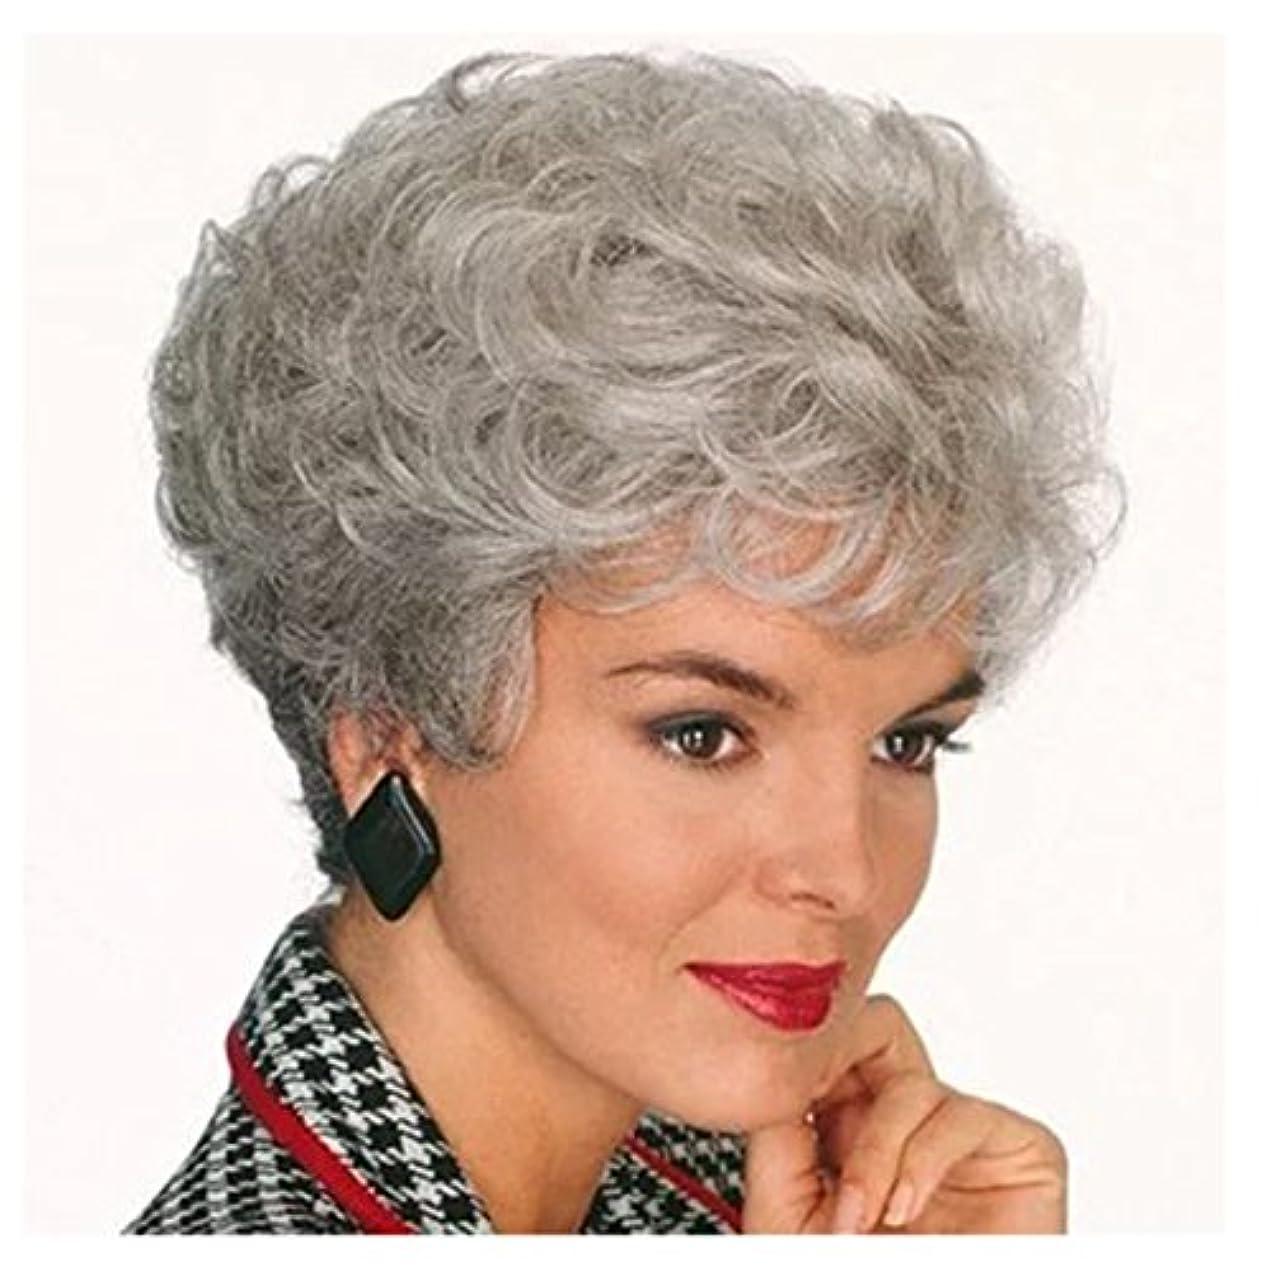 バイソン飾る前奏曲YOUQIU コスプレ中年と古い人々のために150グラムフラッツ前髪ウィッグで女性や男性の髪ふわふわナチュラルウィッグ用ショート全頭ウィッグ(黒/ダークブラウン/ライトブラウン/グレー)ウィッグ (色 : グレー)